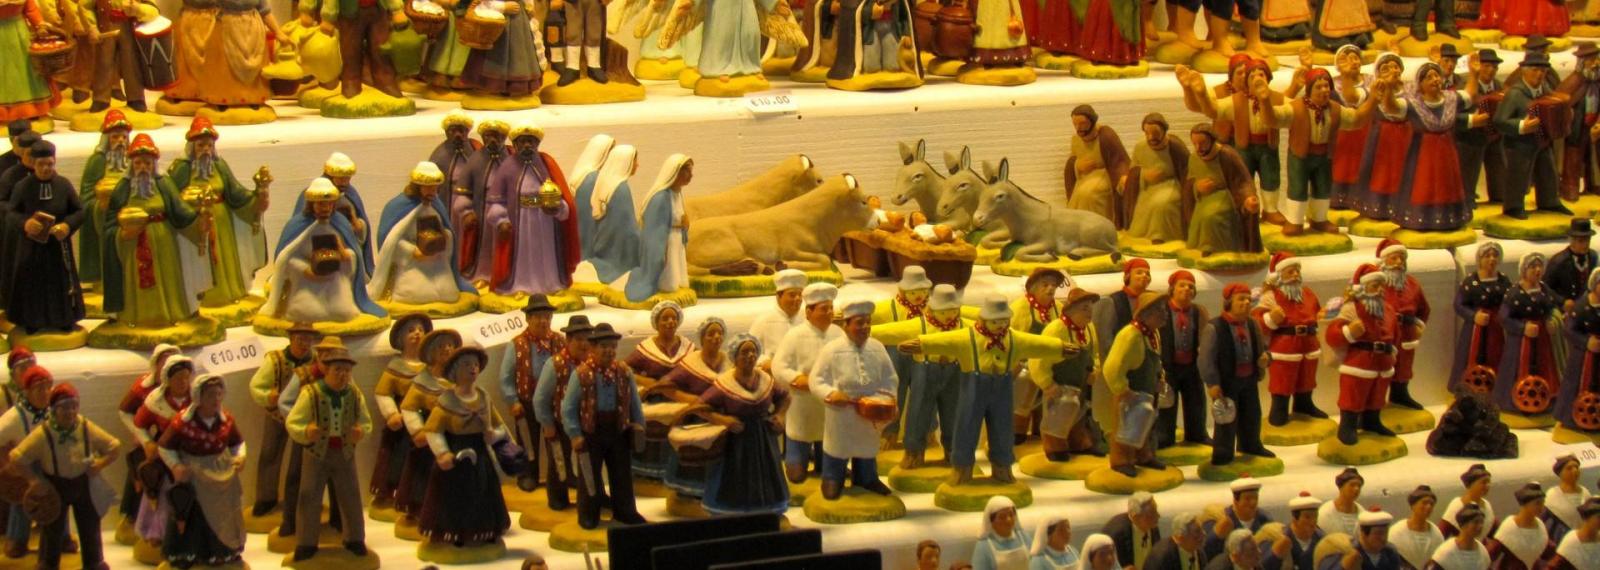 Marché autour de Noël et les santons